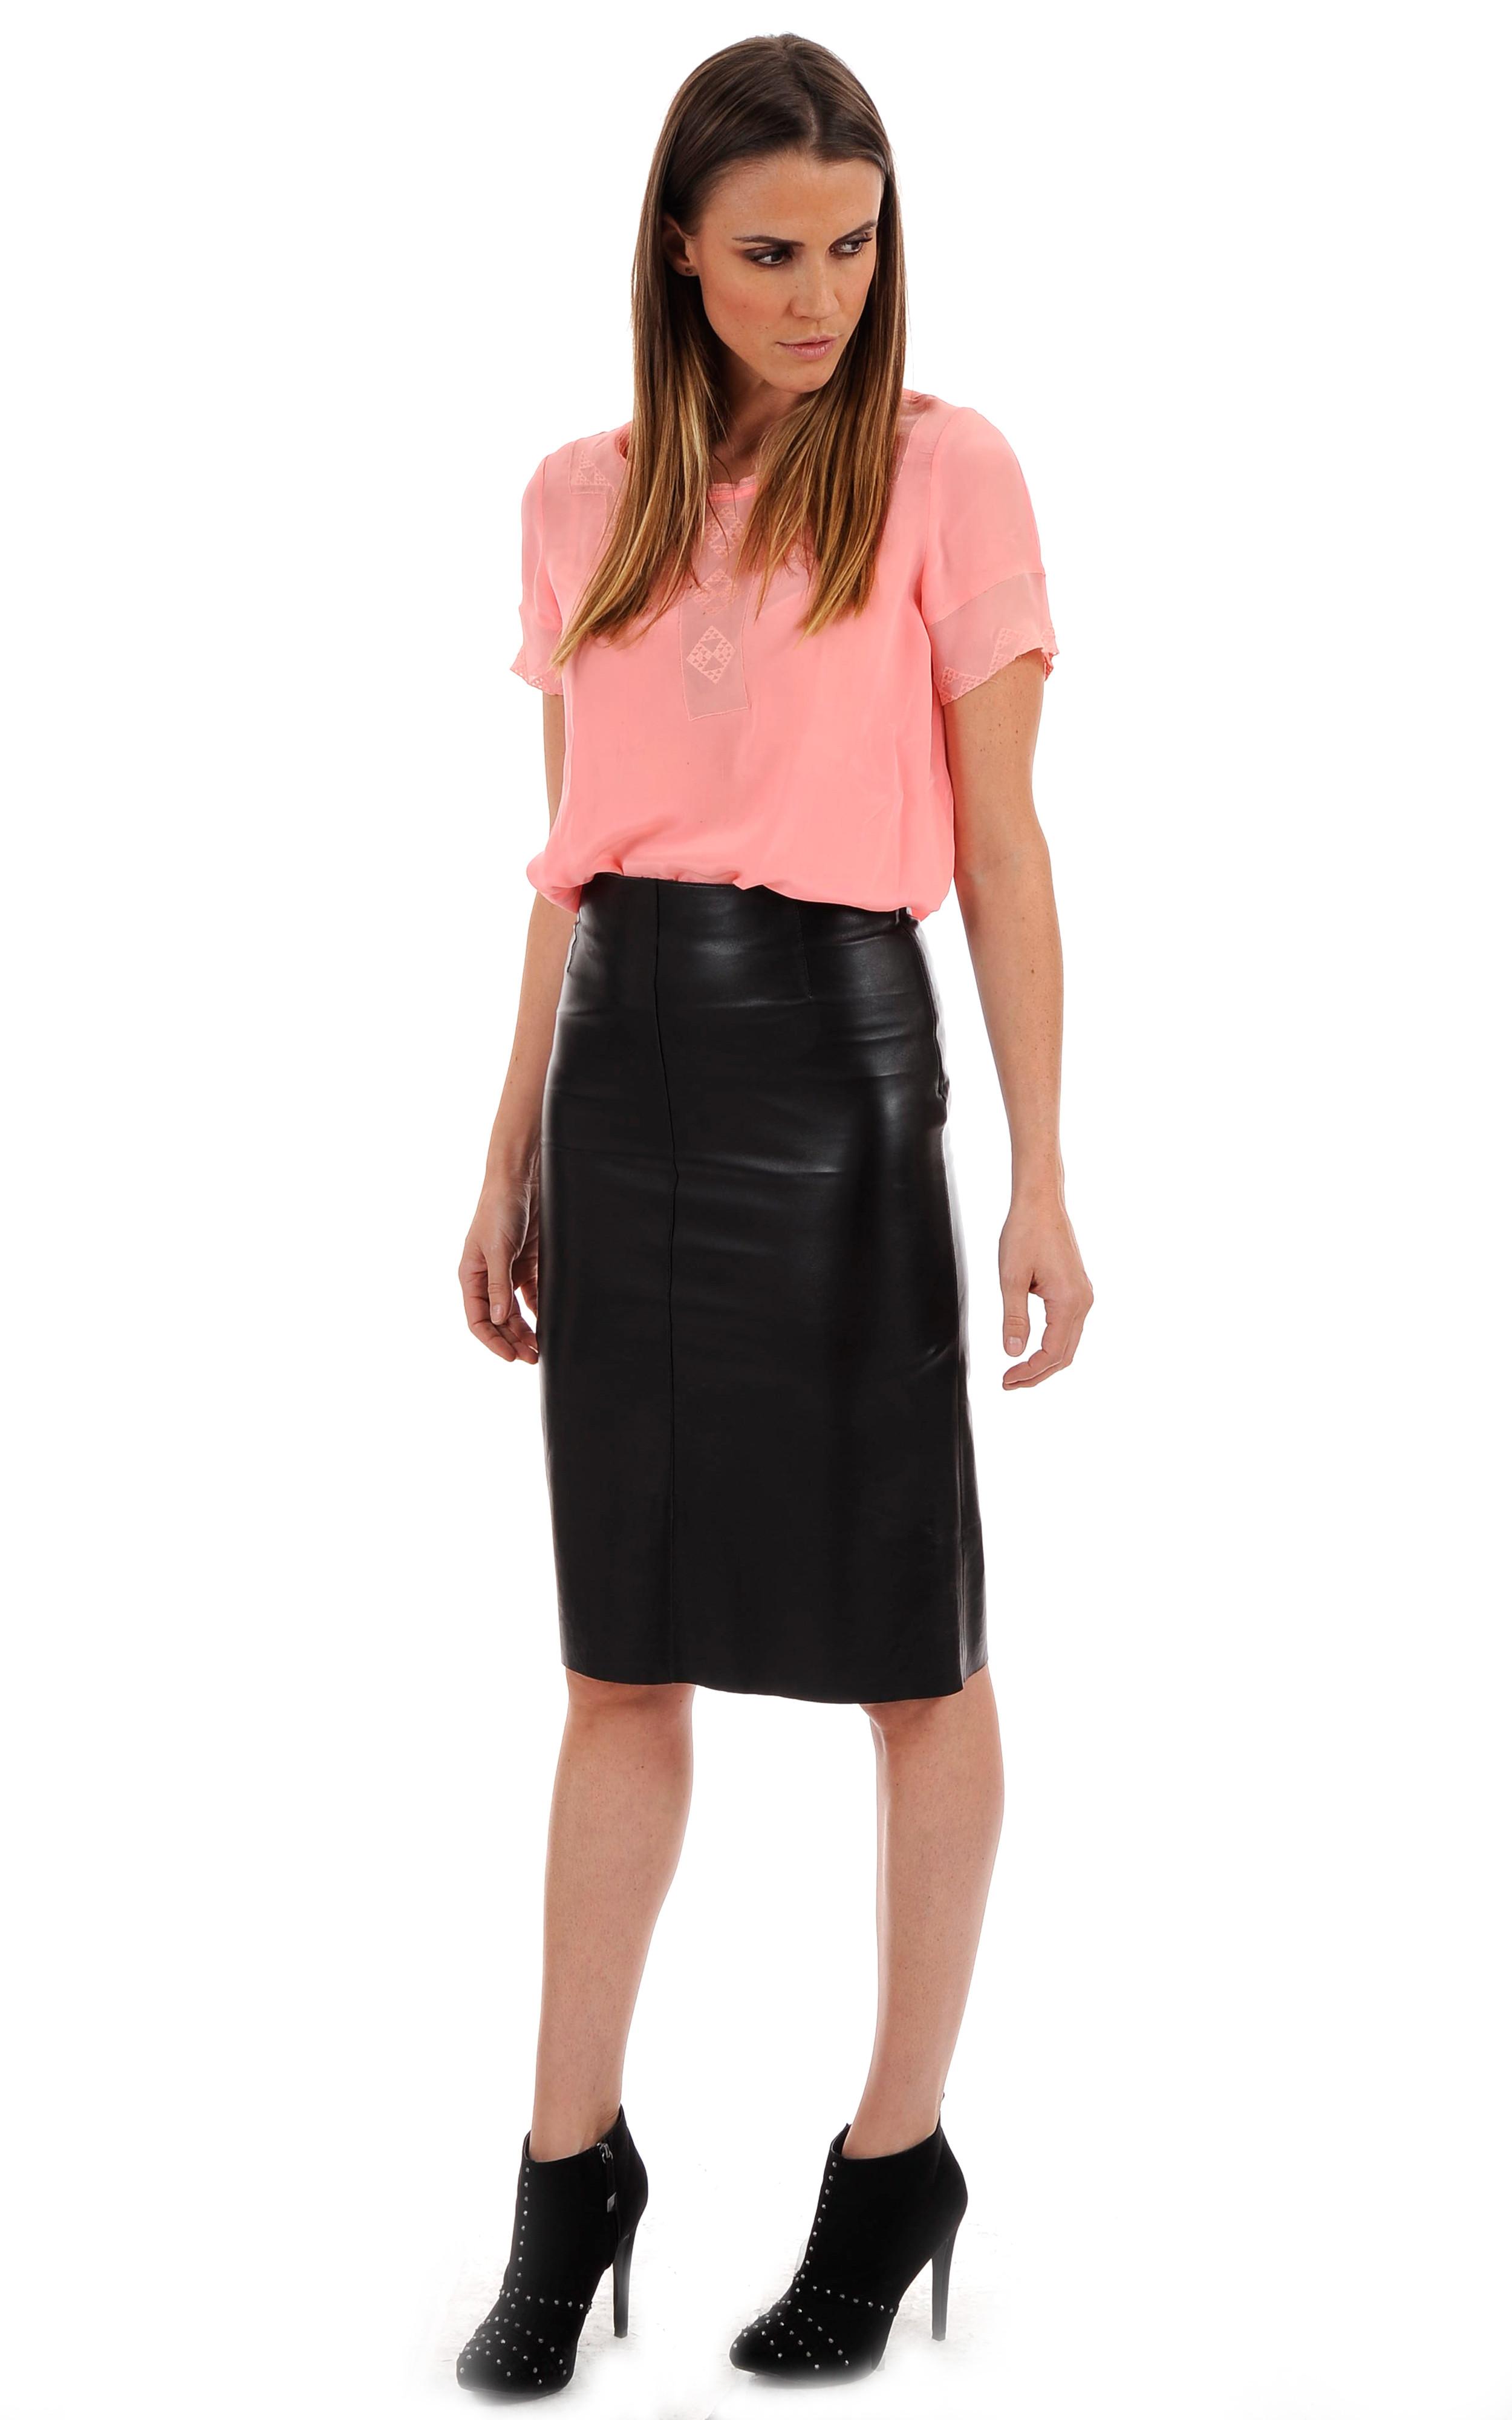 jupe cuir noire taille haute la canadienne la canadienne. Black Bedroom Furniture Sets. Home Design Ideas